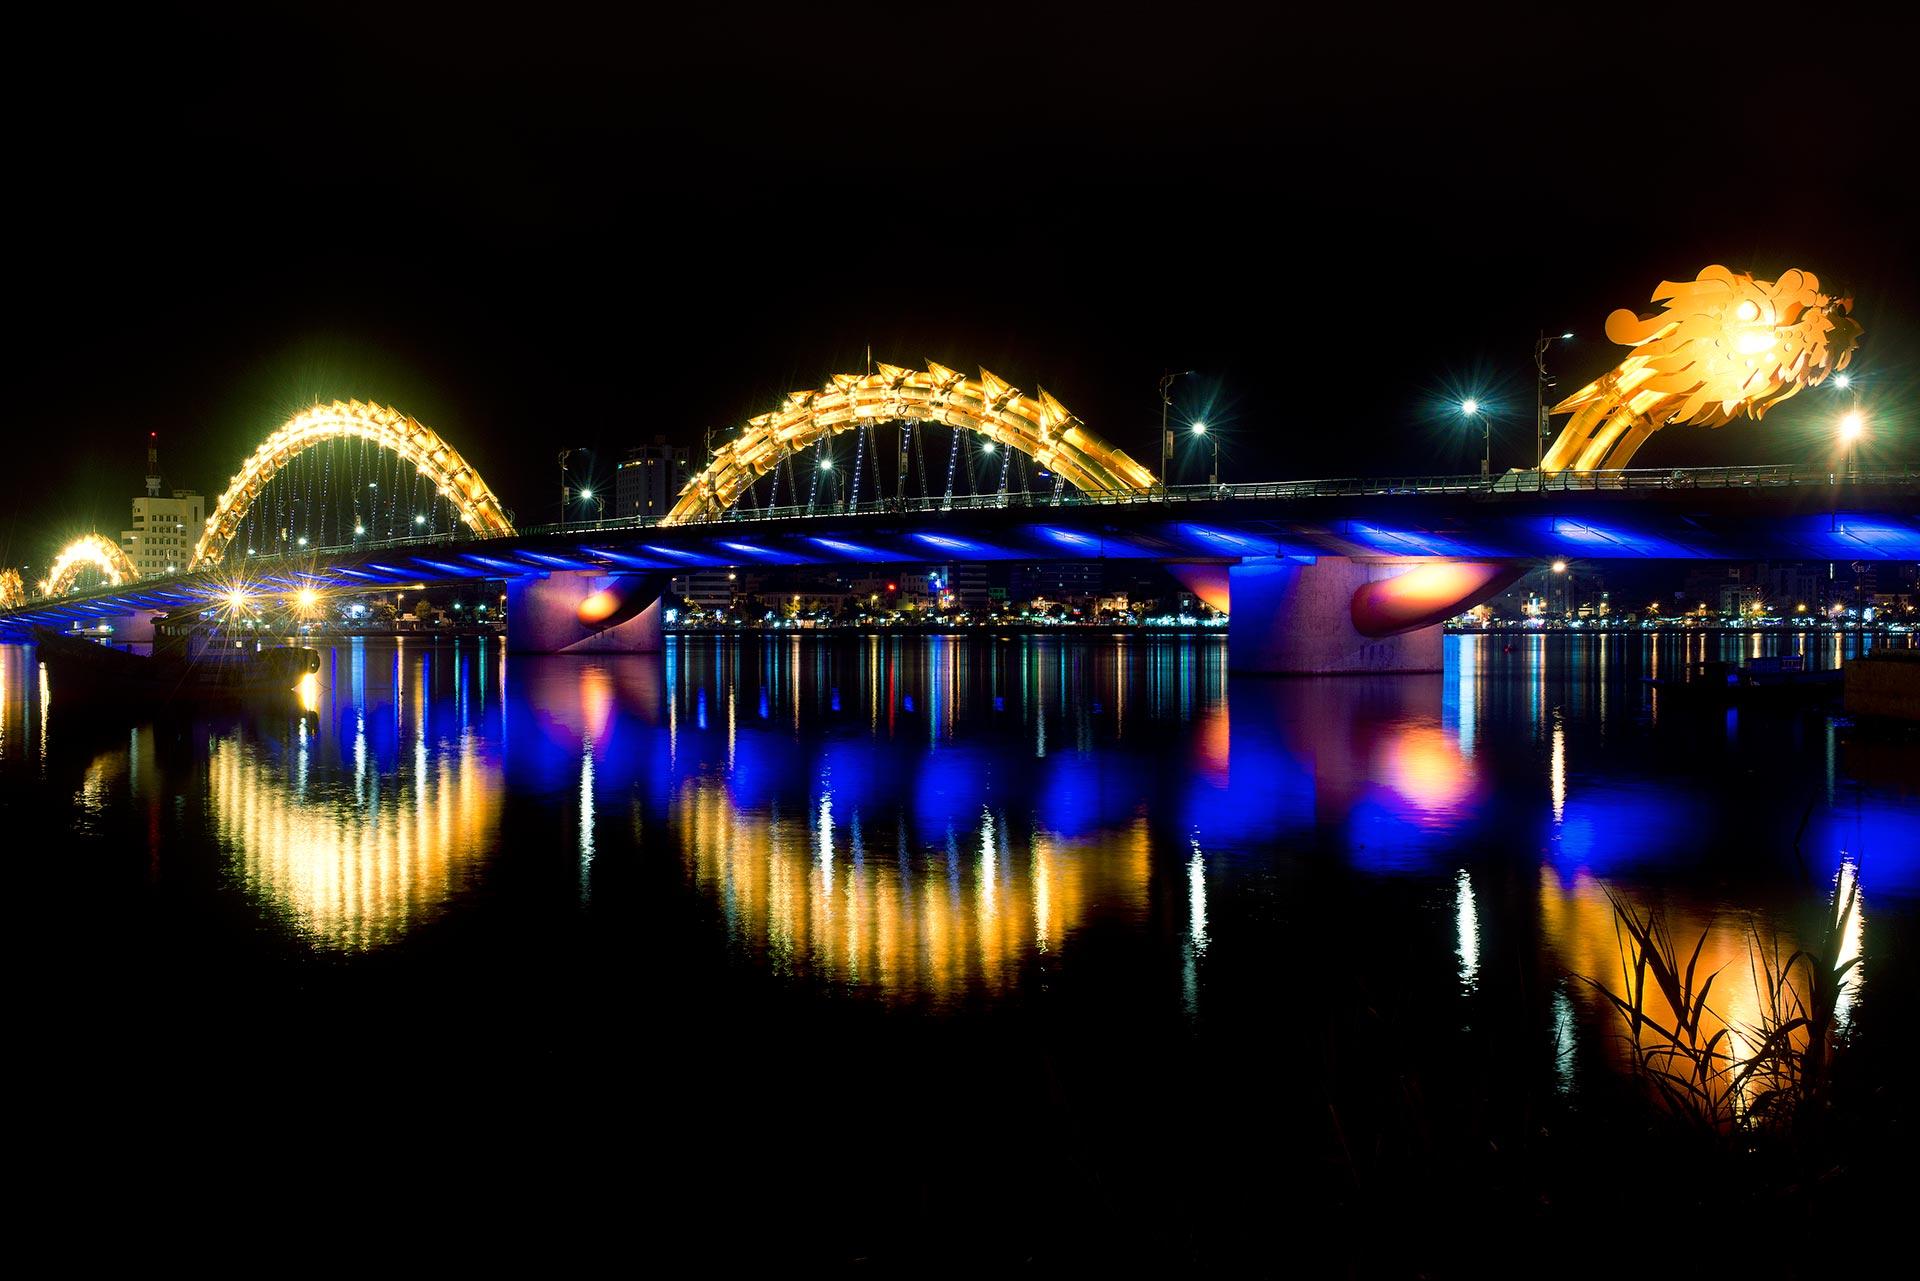 ponte sustentada por mãos gigantes